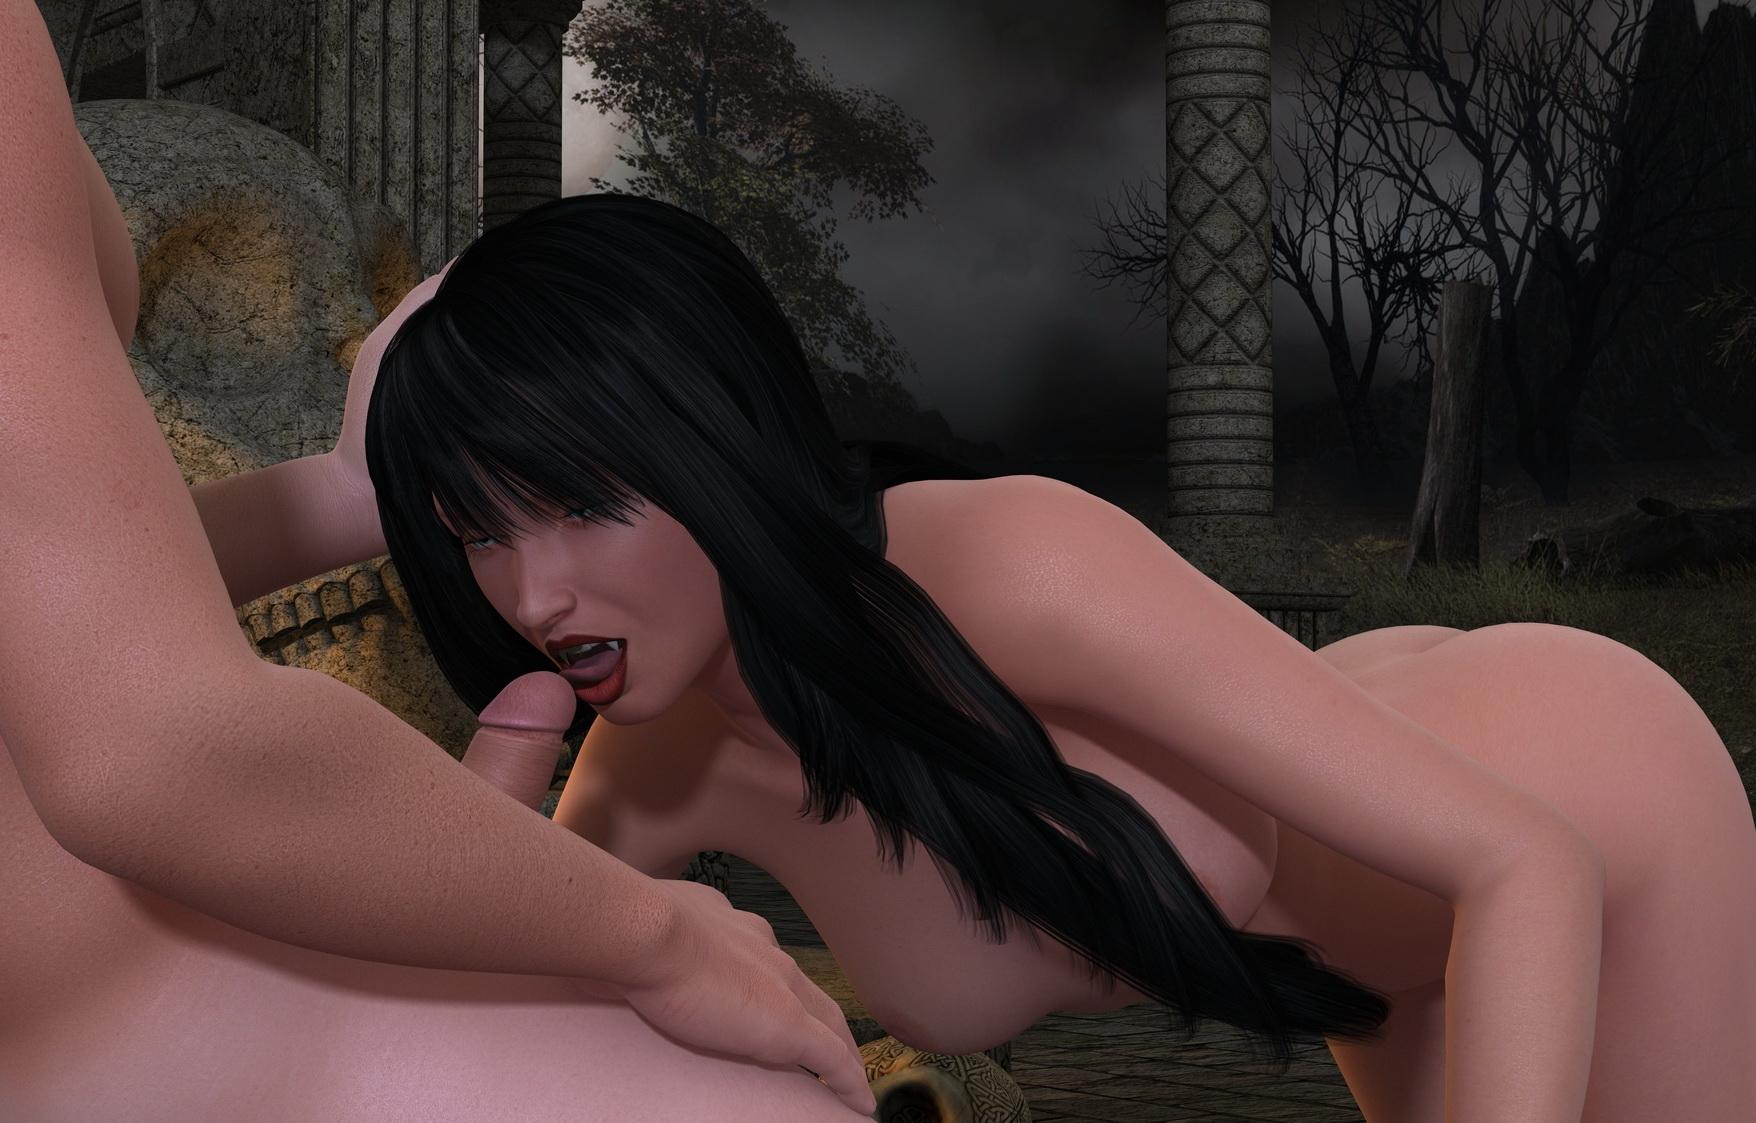 3d porn gallerie gif hentai pretty sexygirls